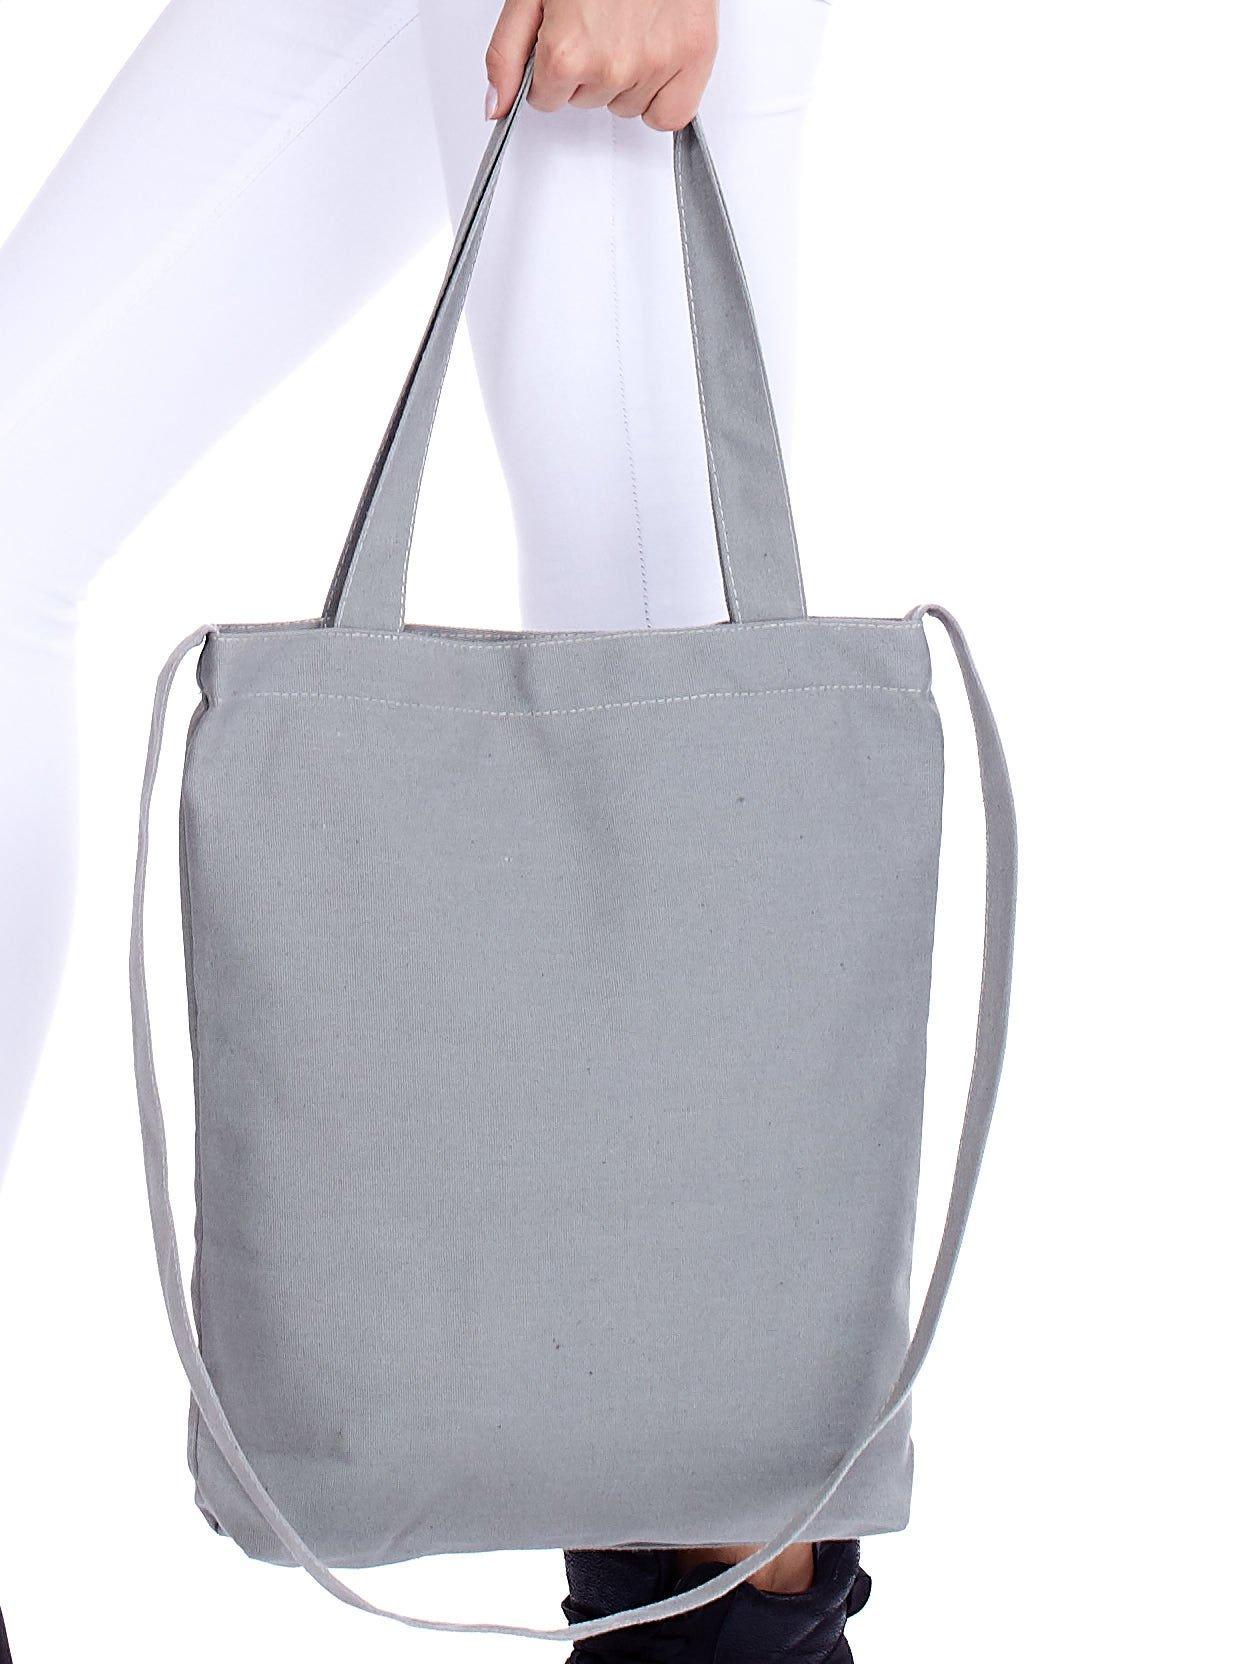 6a83e8a5008c5 Szara torba materiałowa BAGAŻ EMOCJONALNY - Akcesoria torba - sklep ...